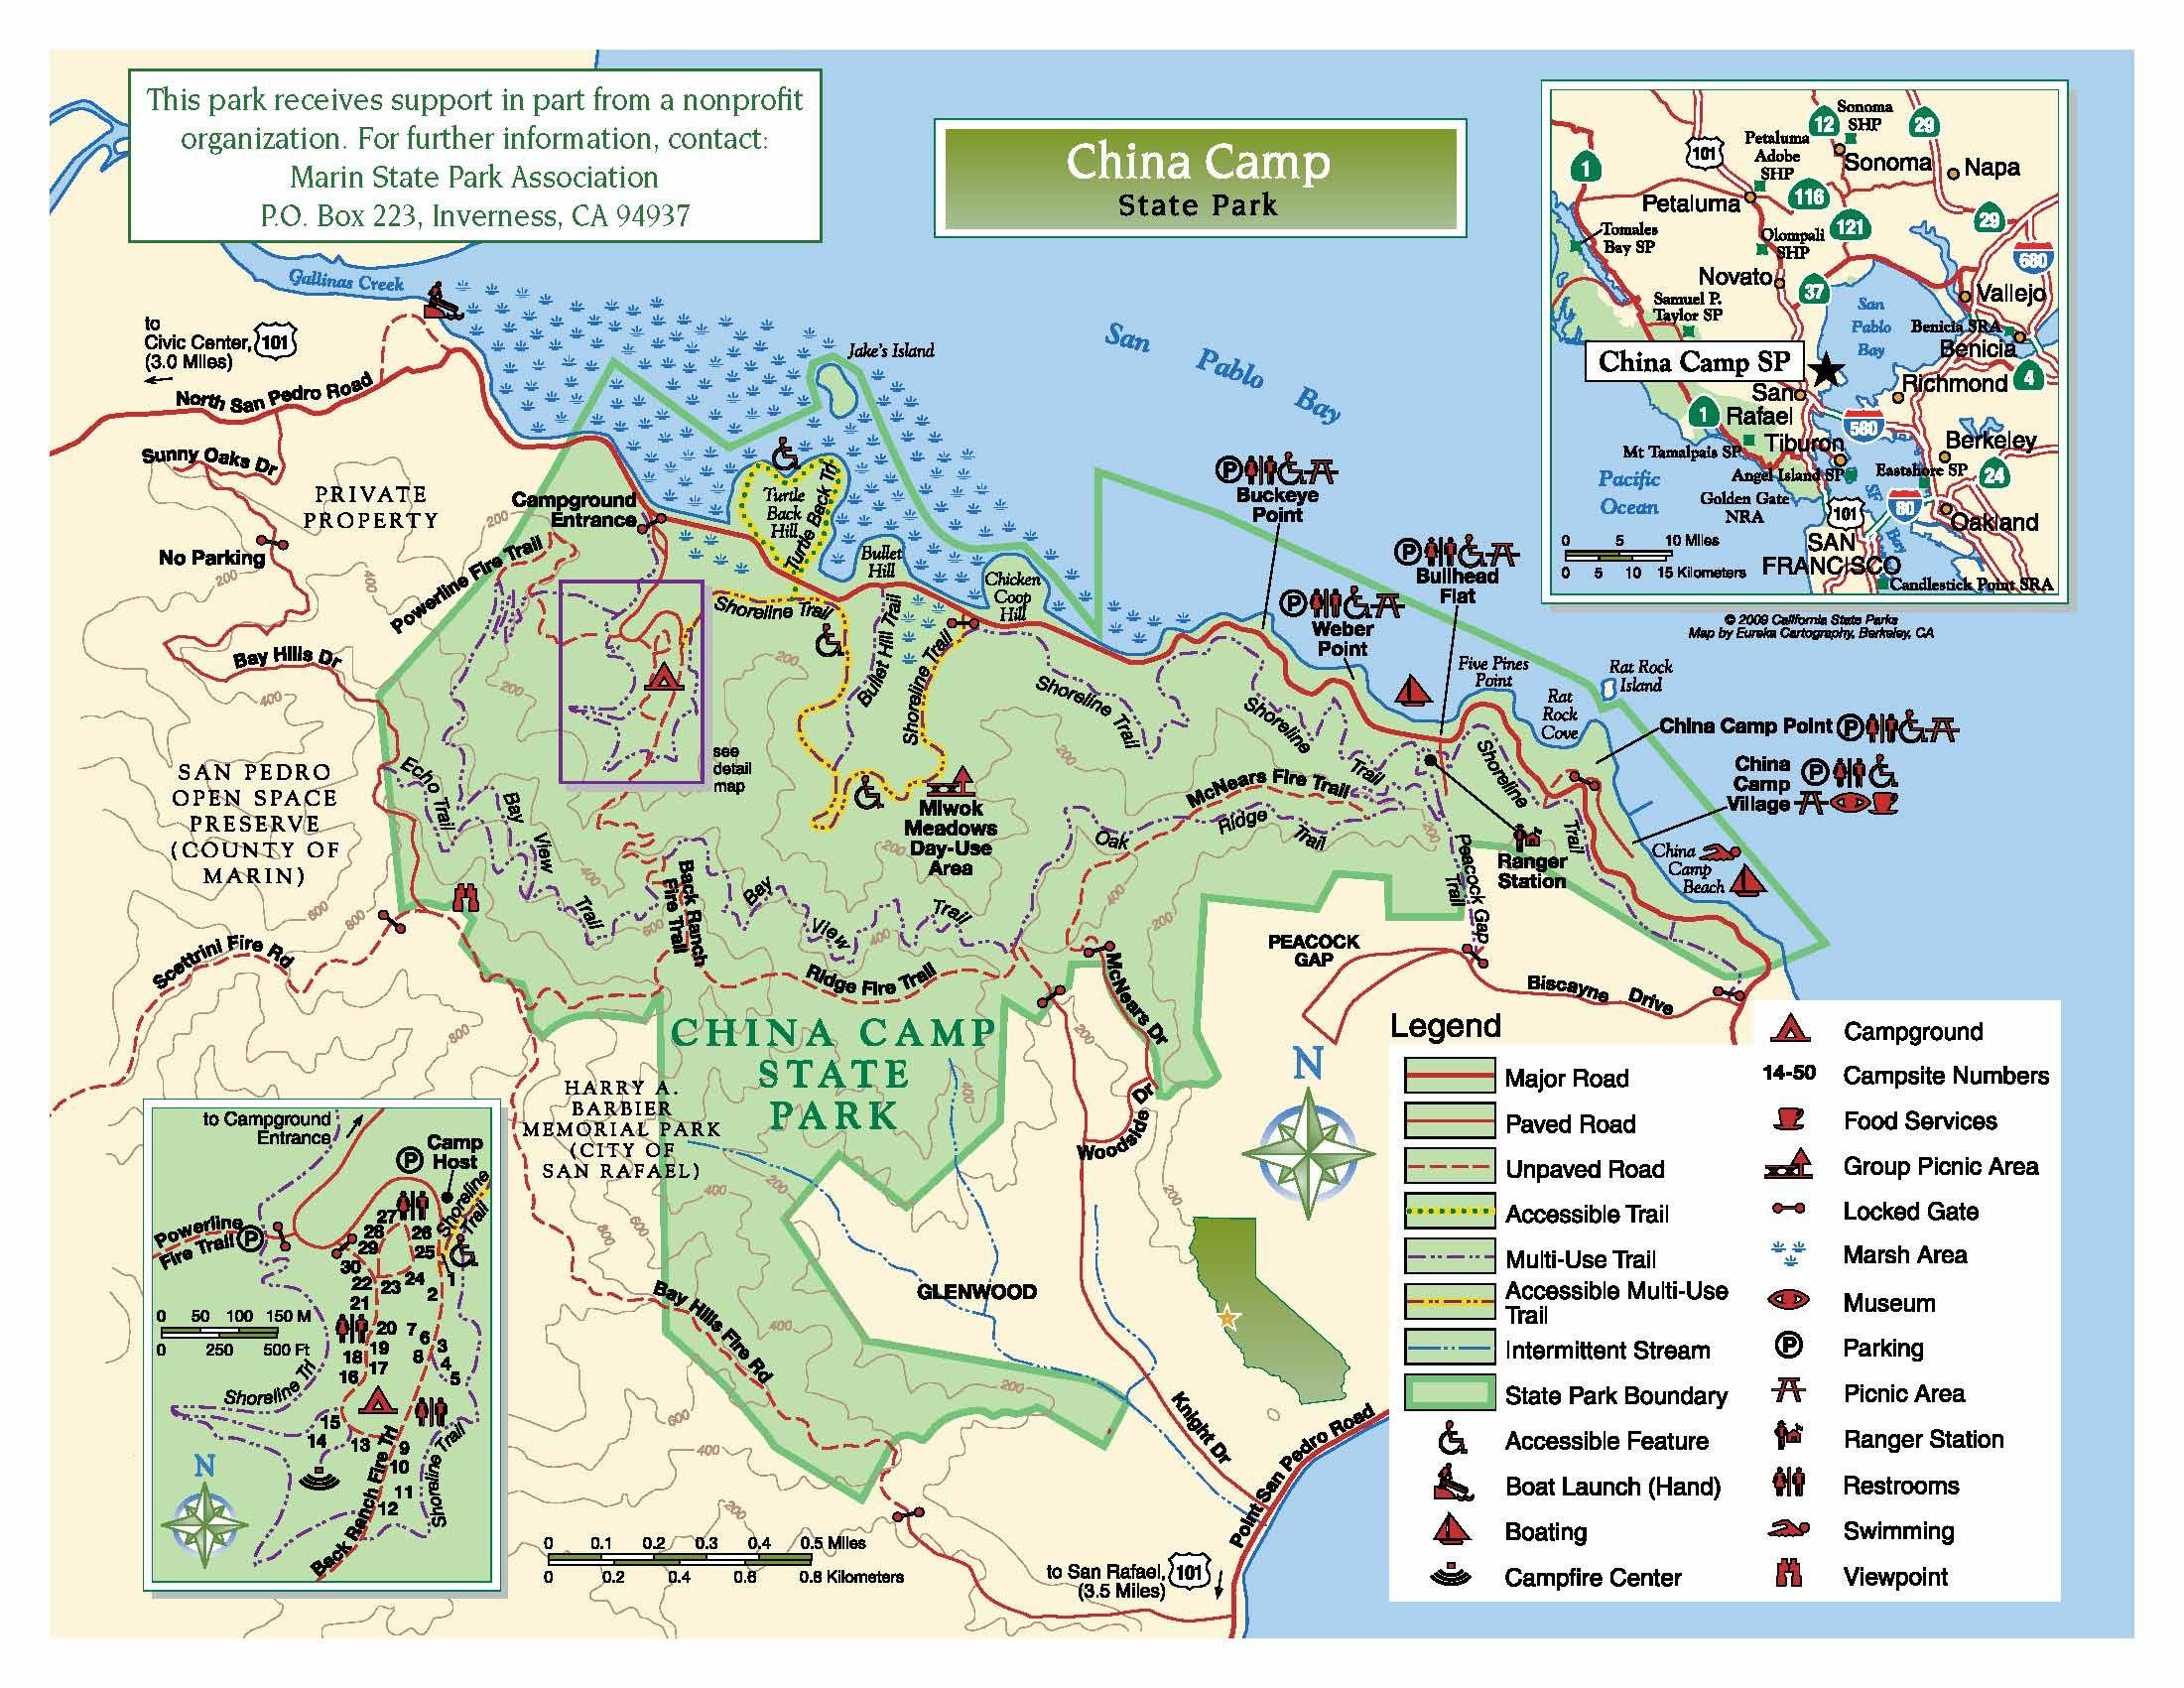 china camp state park map China Camp State Park Map State Parks San Pedro Camping china camp state park map